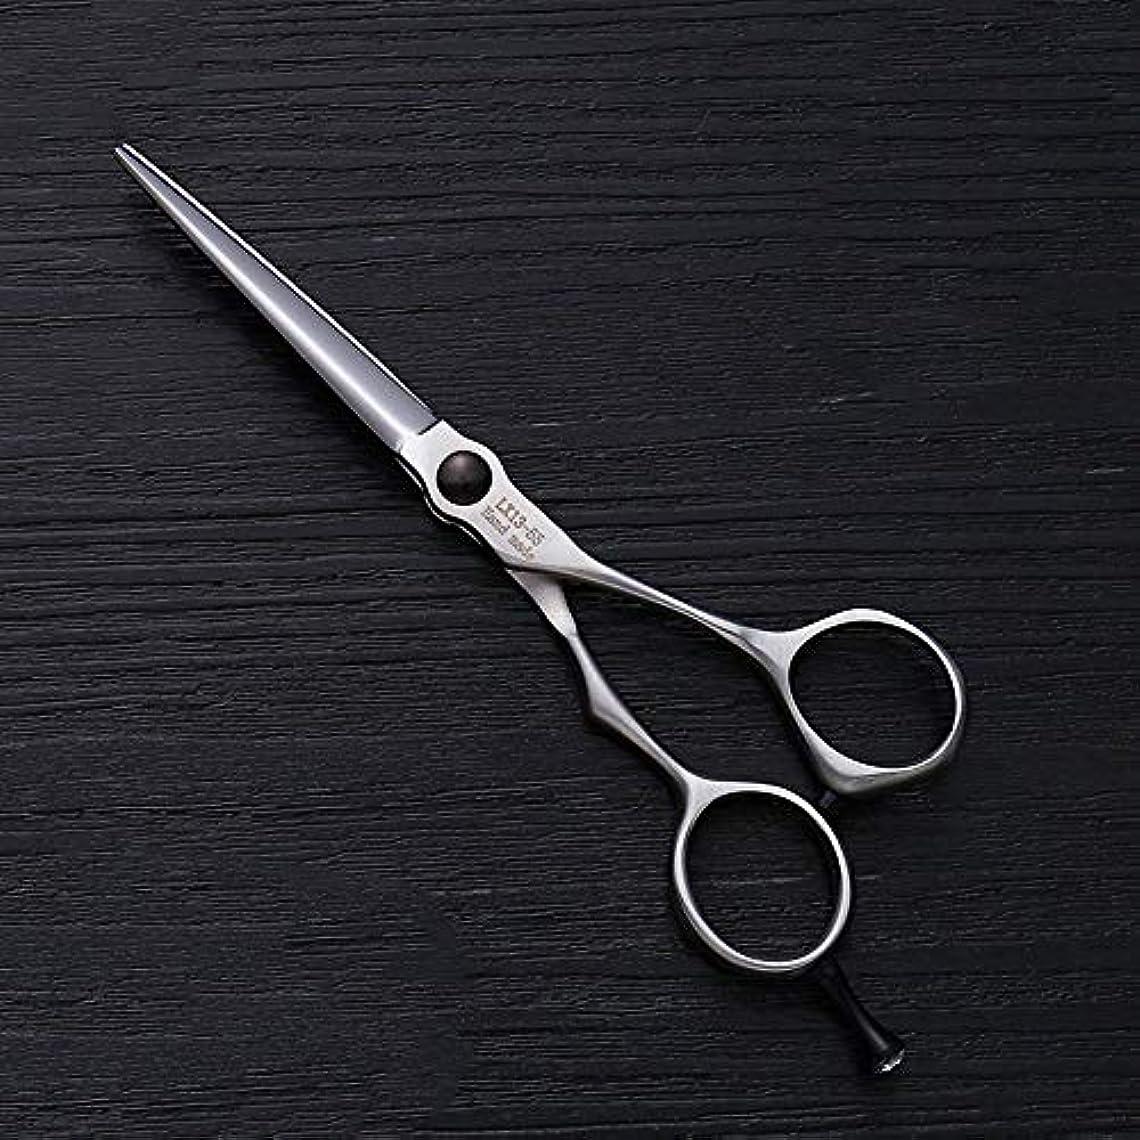 泣く豪華な憂鬱理髪用はさみ 5.5インチの理髪はさみステンレス鋼の平らなせん断前髪はさみ毛の切断はさみステンレス理髪はさみ (色 : Silver)